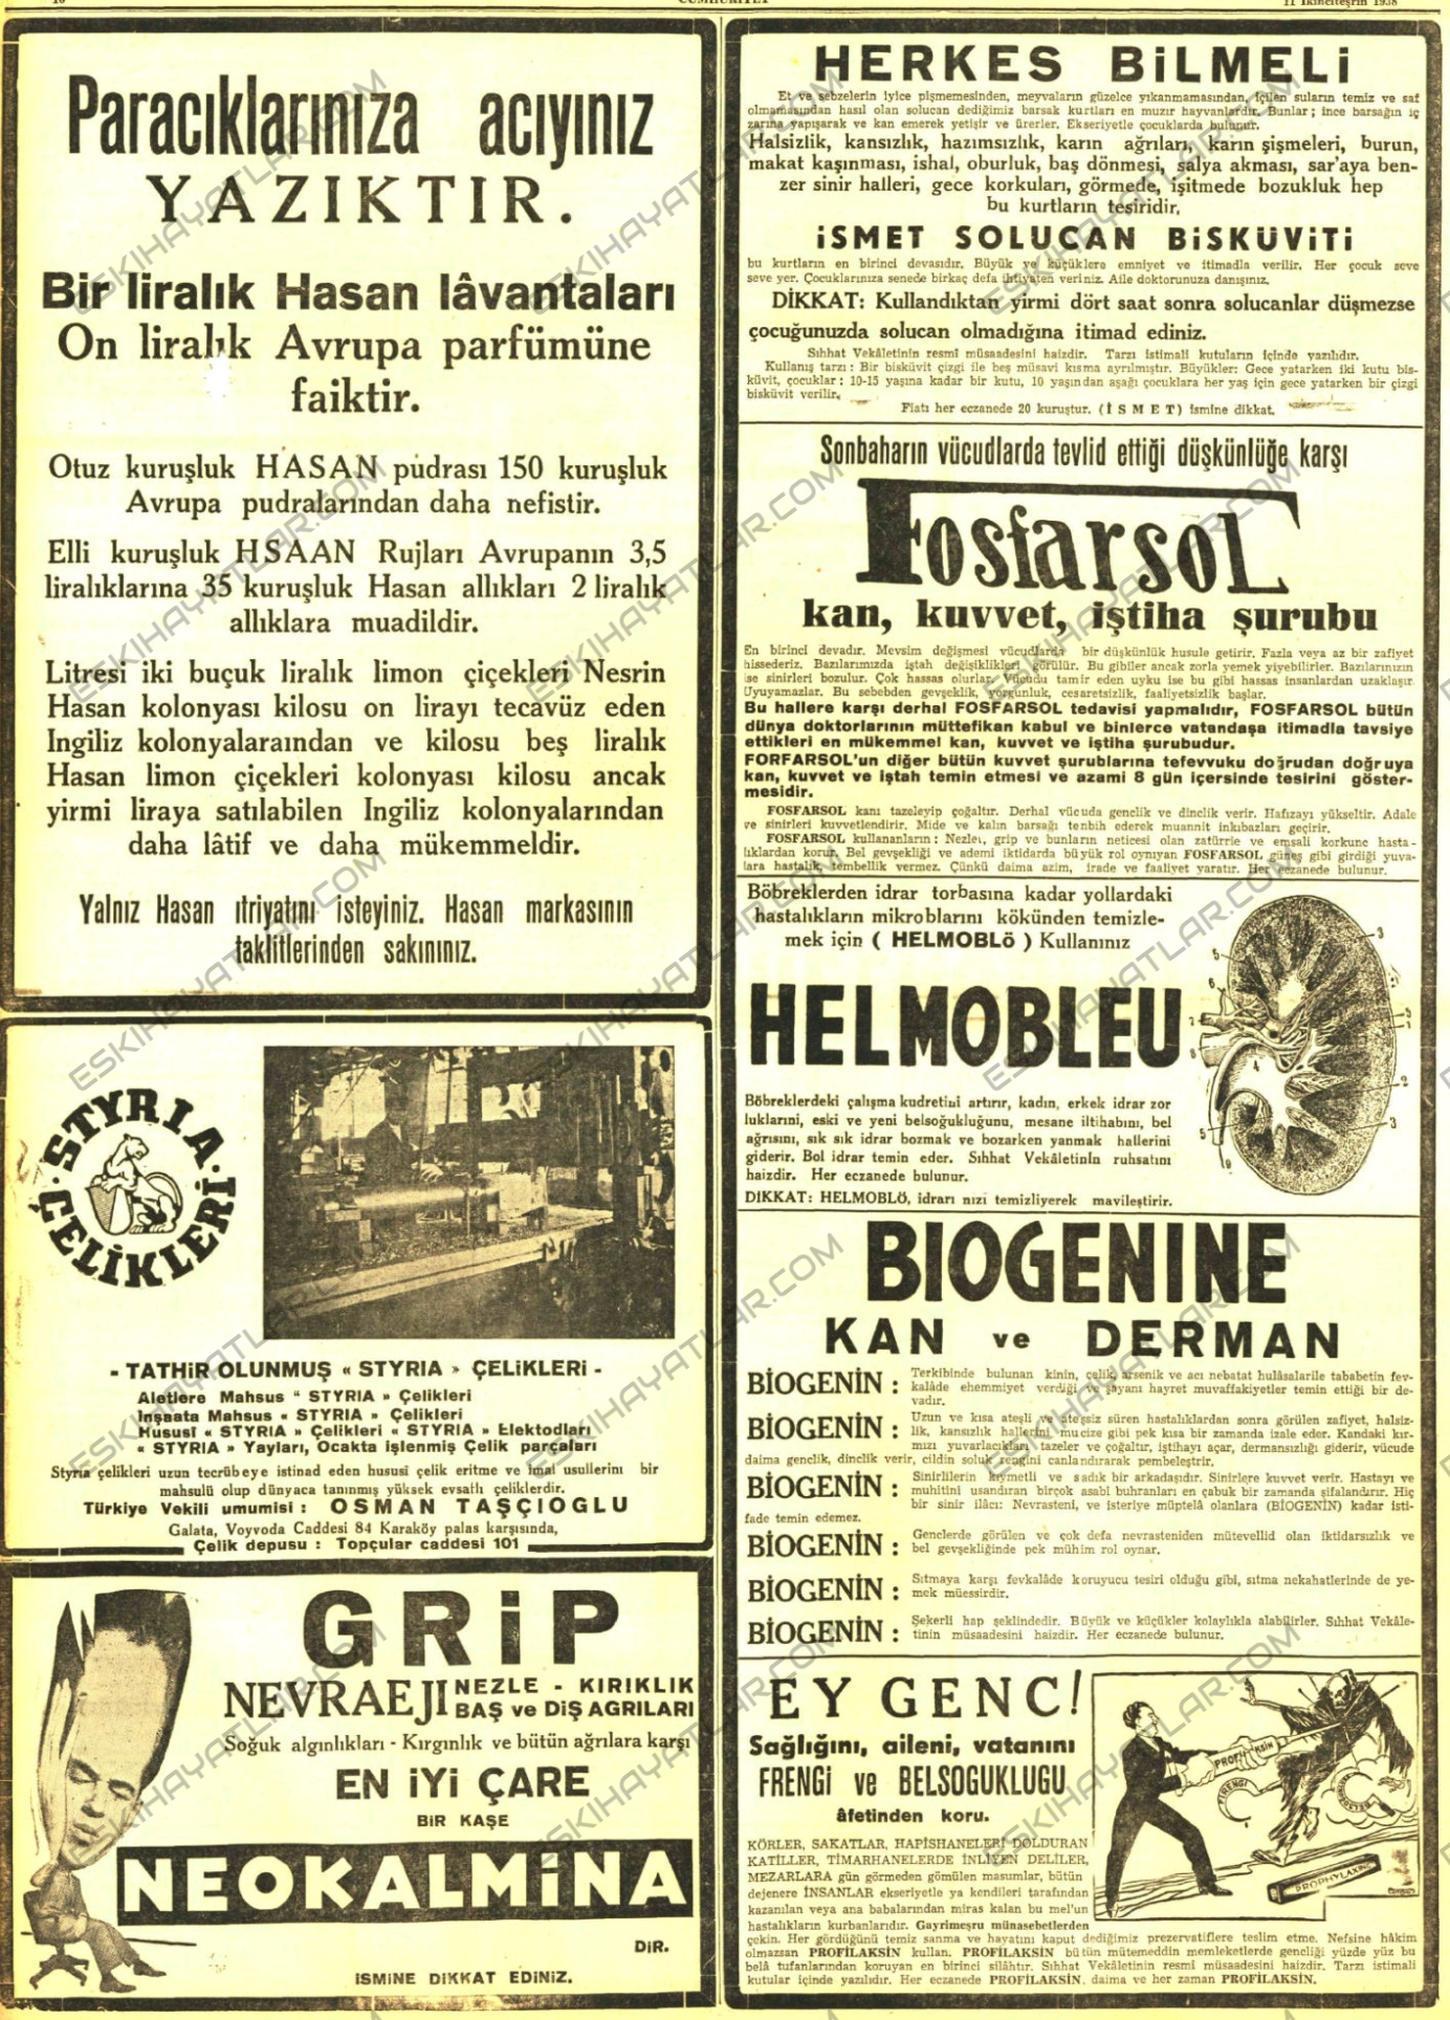 mustafa-kemal-ataturk-un-oldugu-gun-cikan-gazeteler-1938-yilinin-gazeteleri (8)